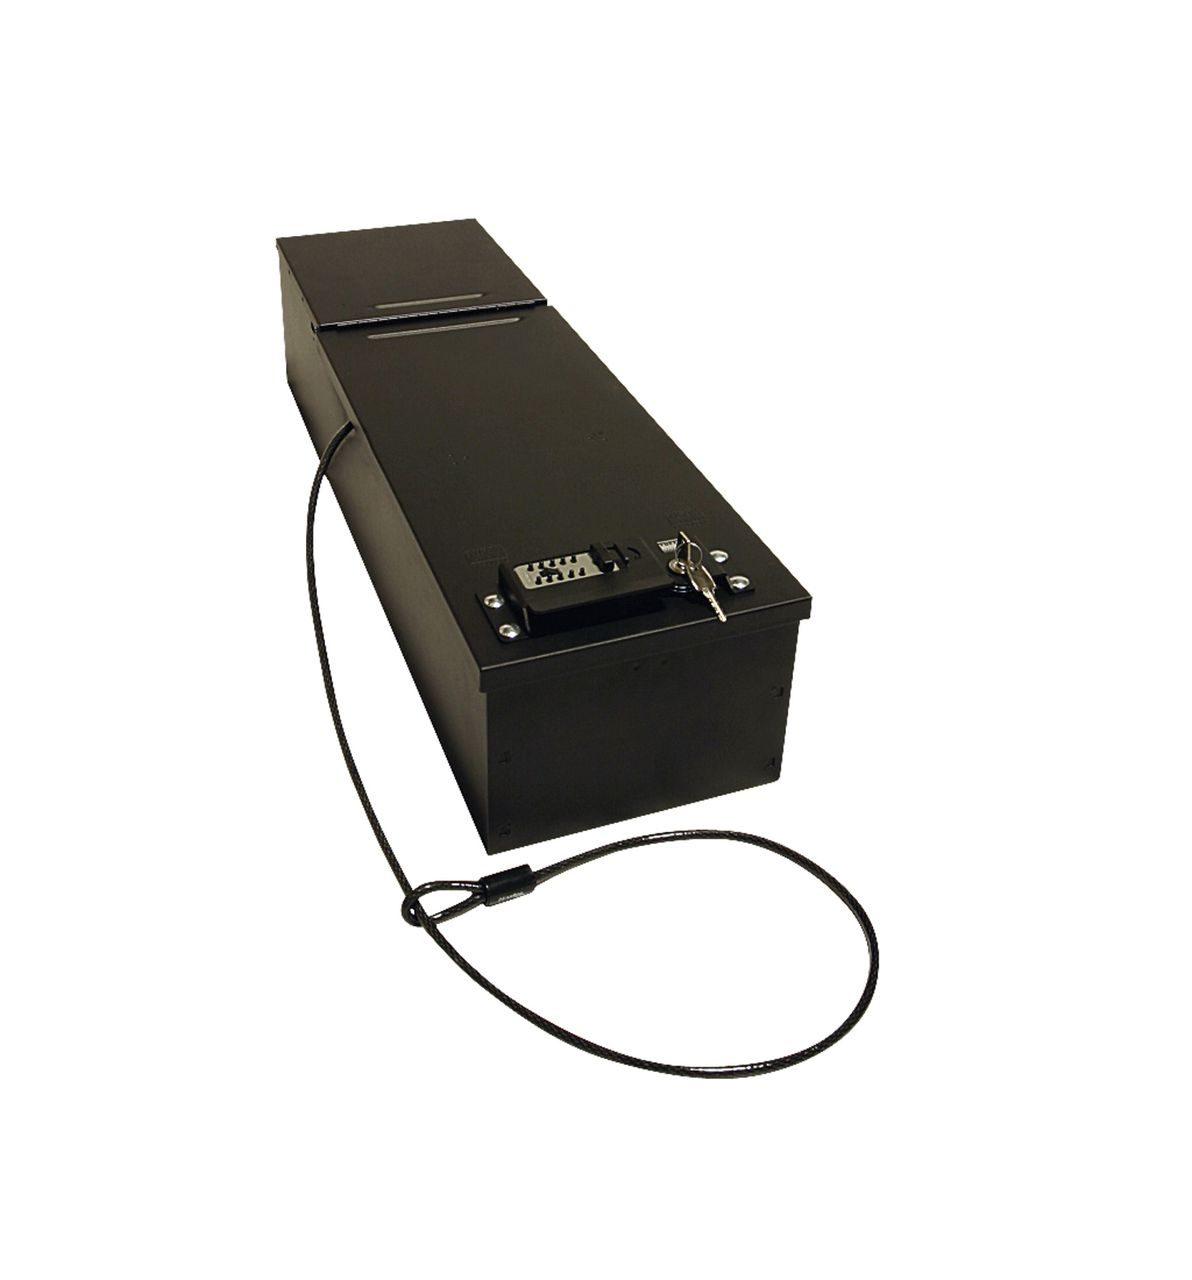 NOVISauto Kofferraum Sicherheitsbox Gewehrbox und Waffentresor flexible Sicherung  301